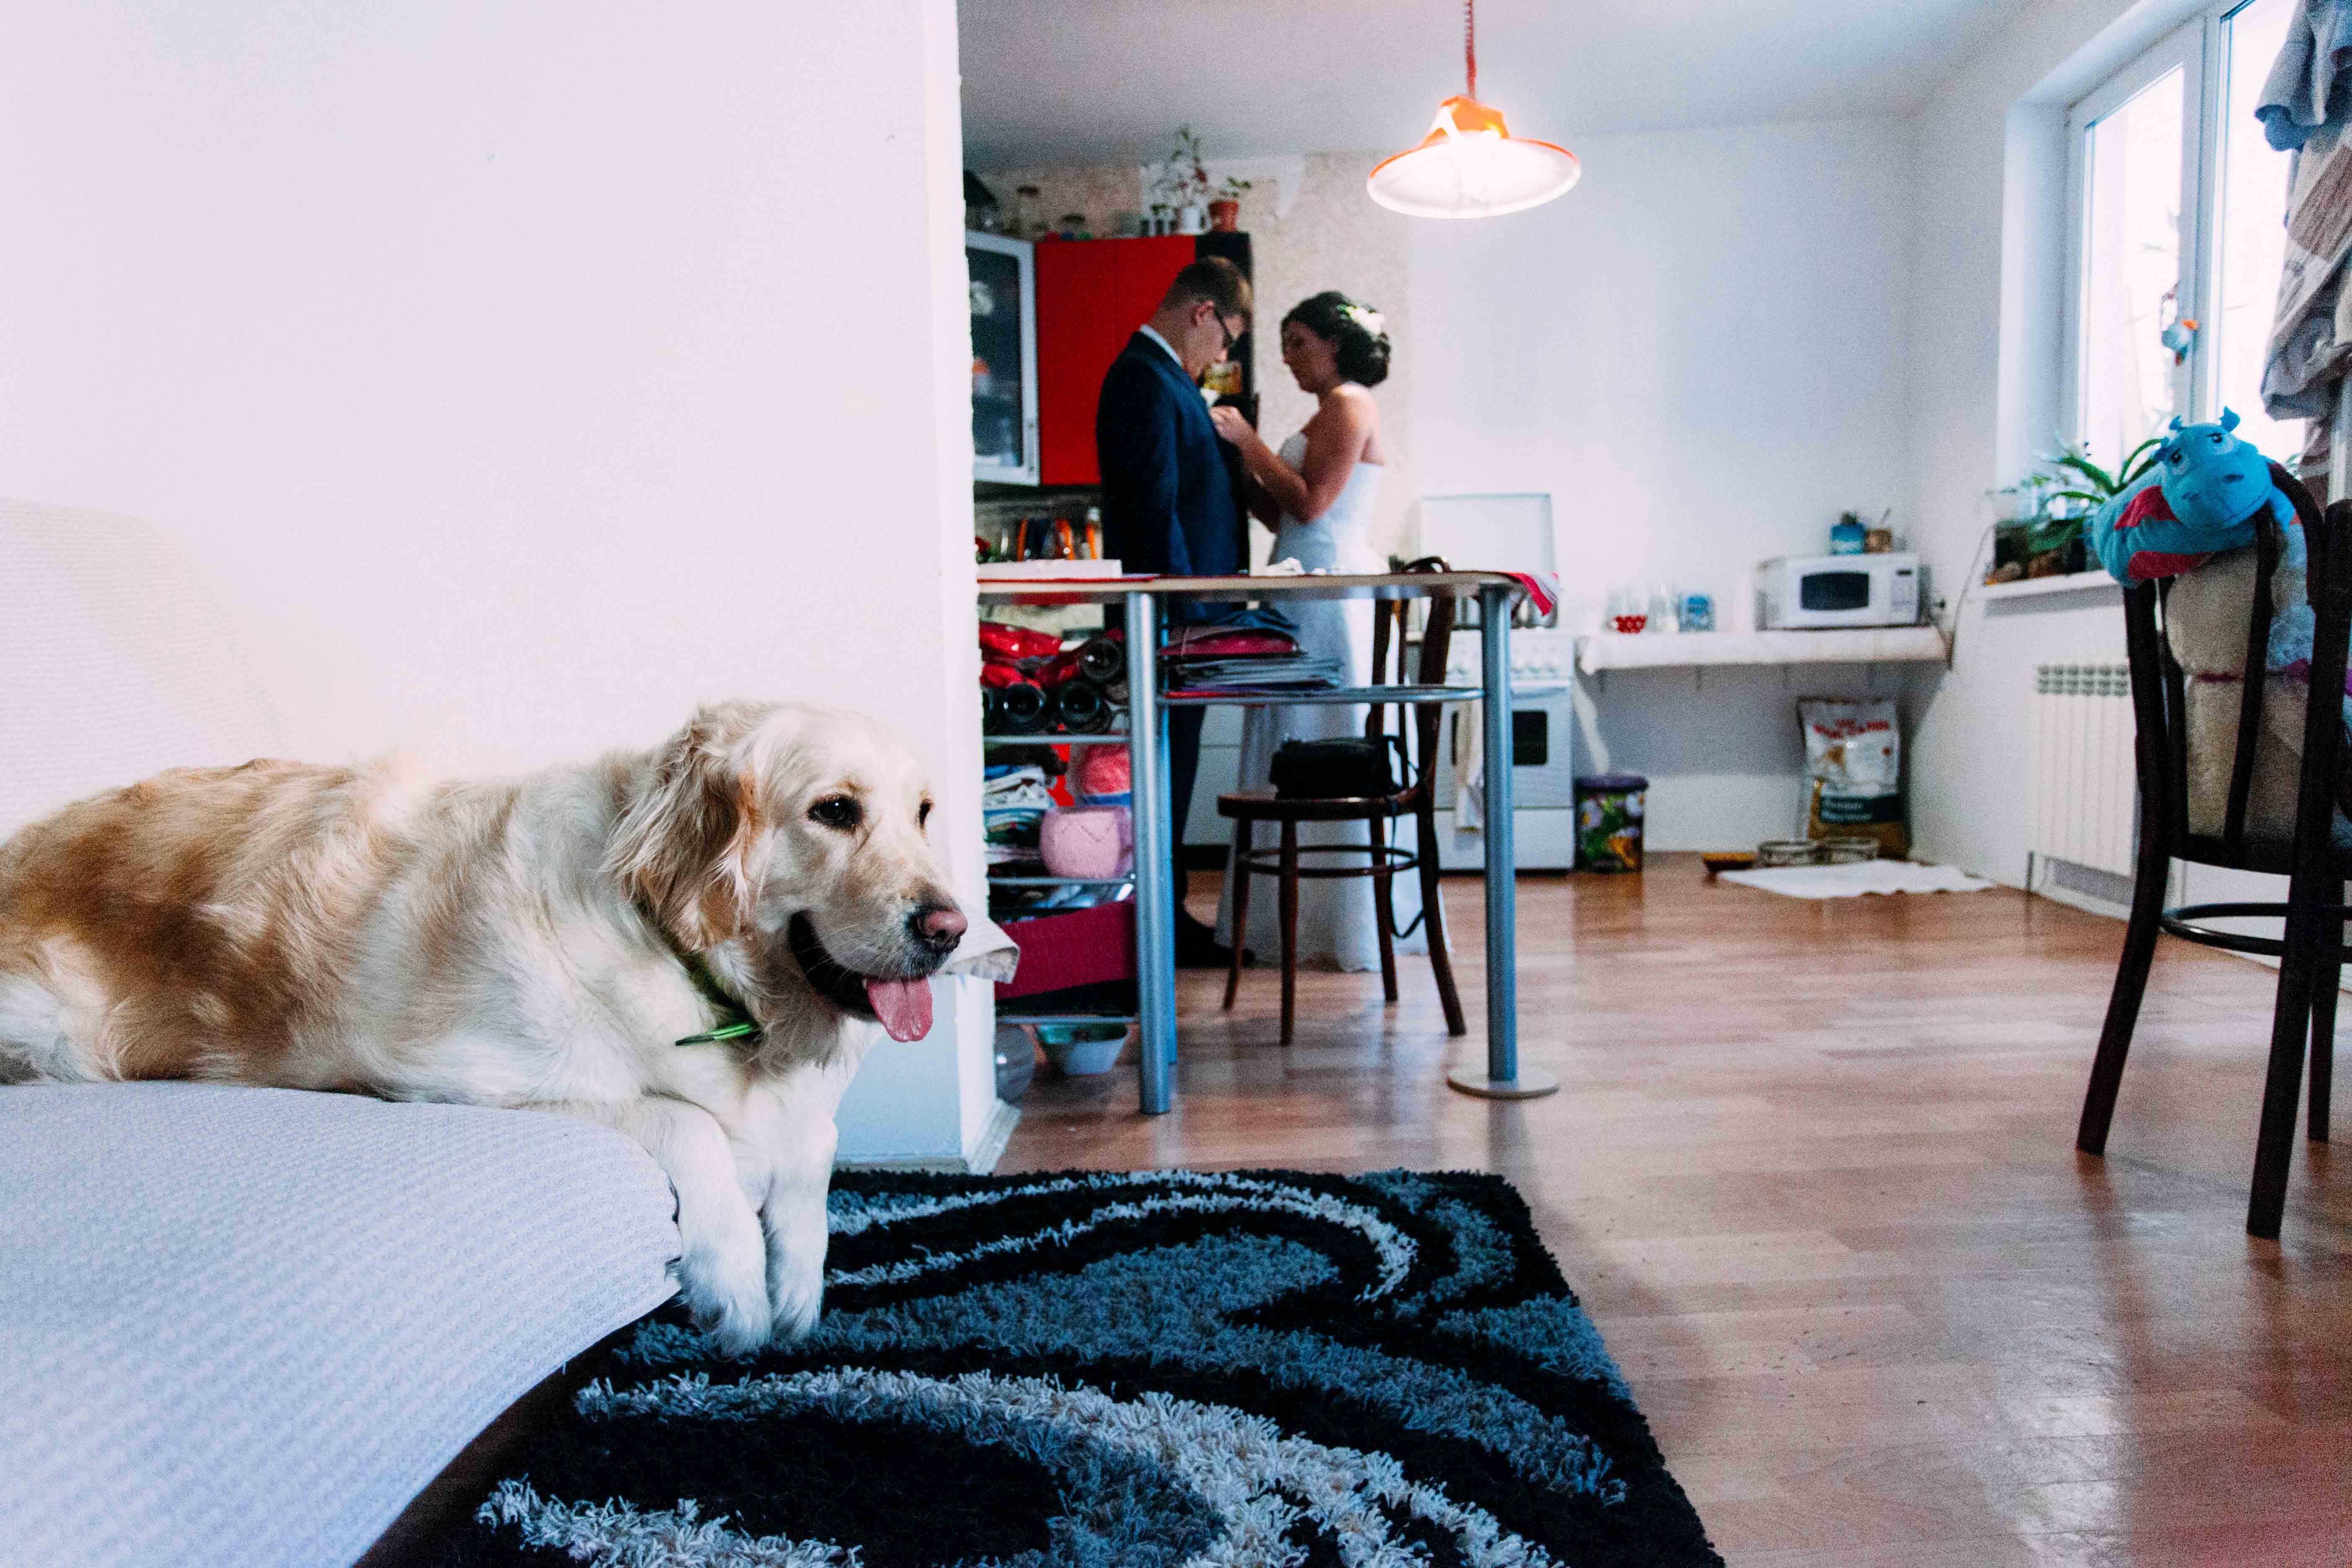 Собакак лежит на диване и грустит, потомочту его хозяева сегодня идут гулять без него